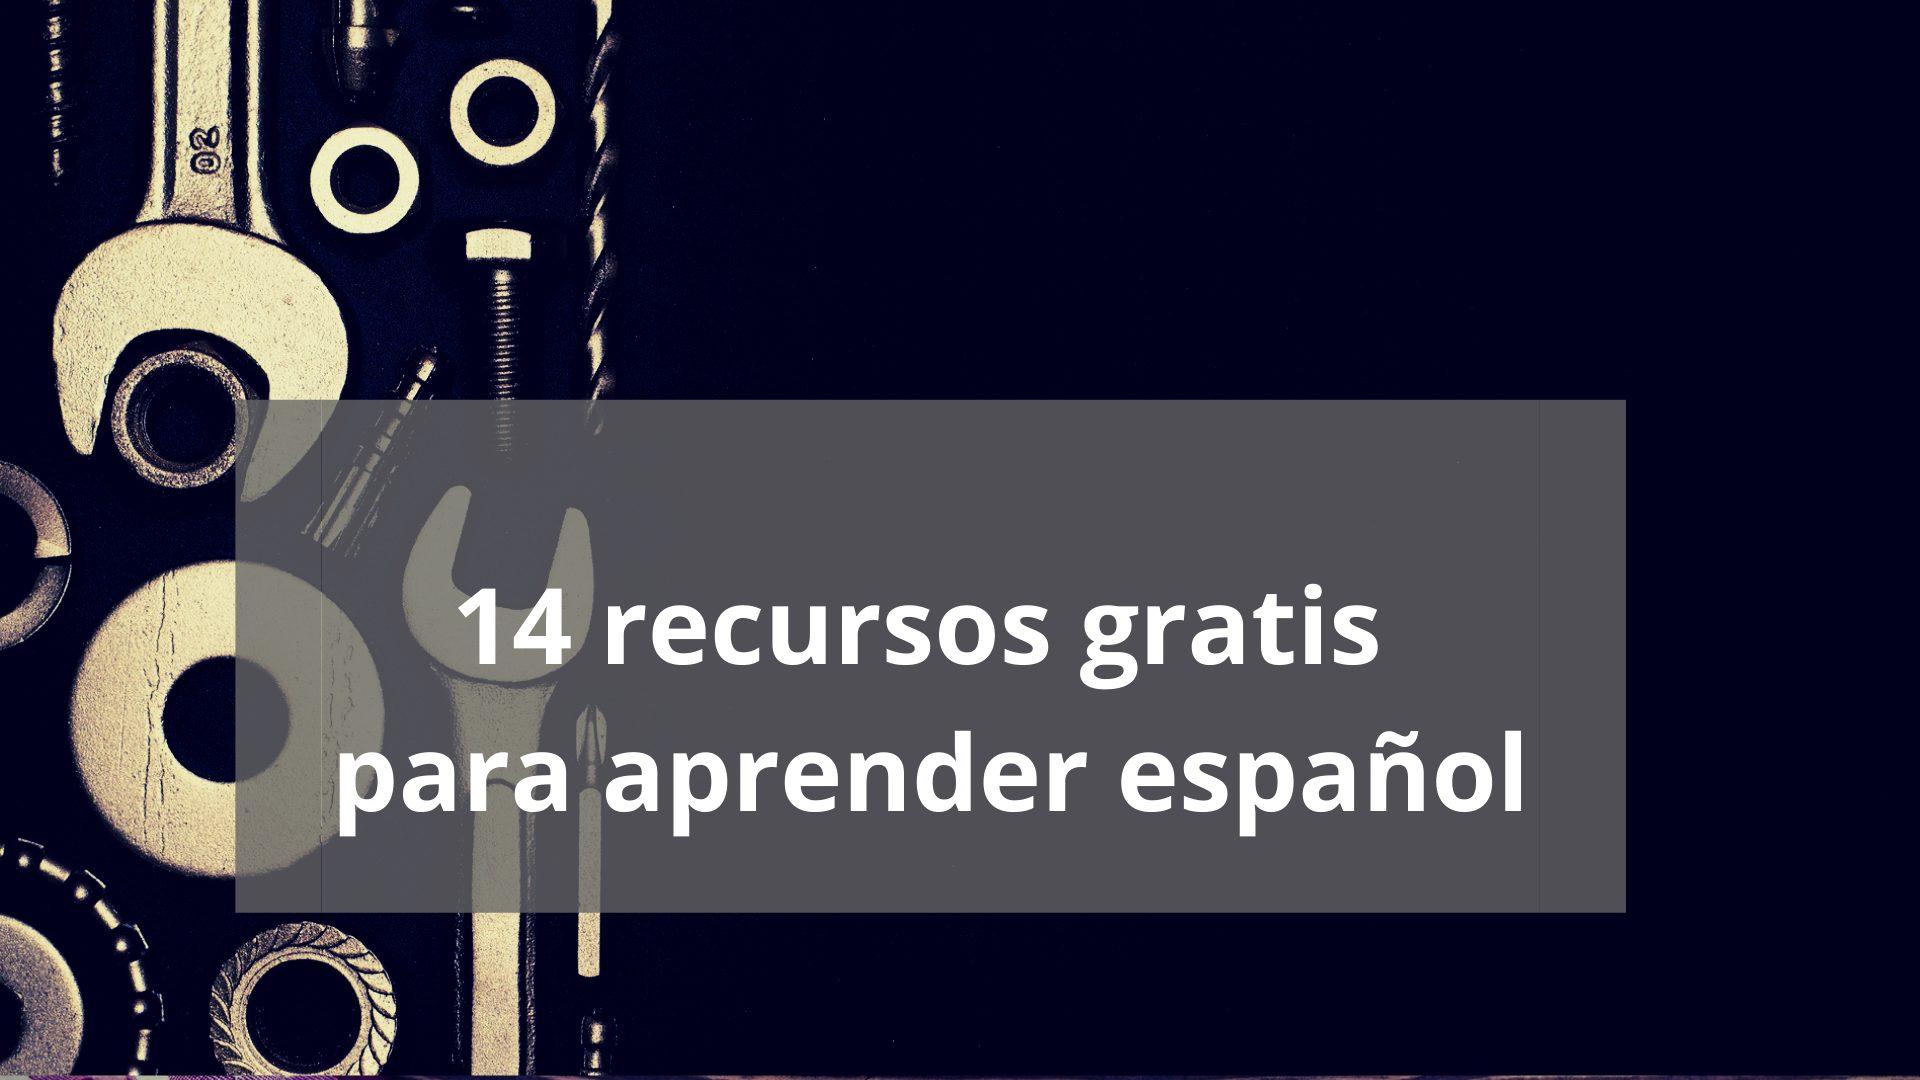 14 recursos para aprender español y practicar gratis